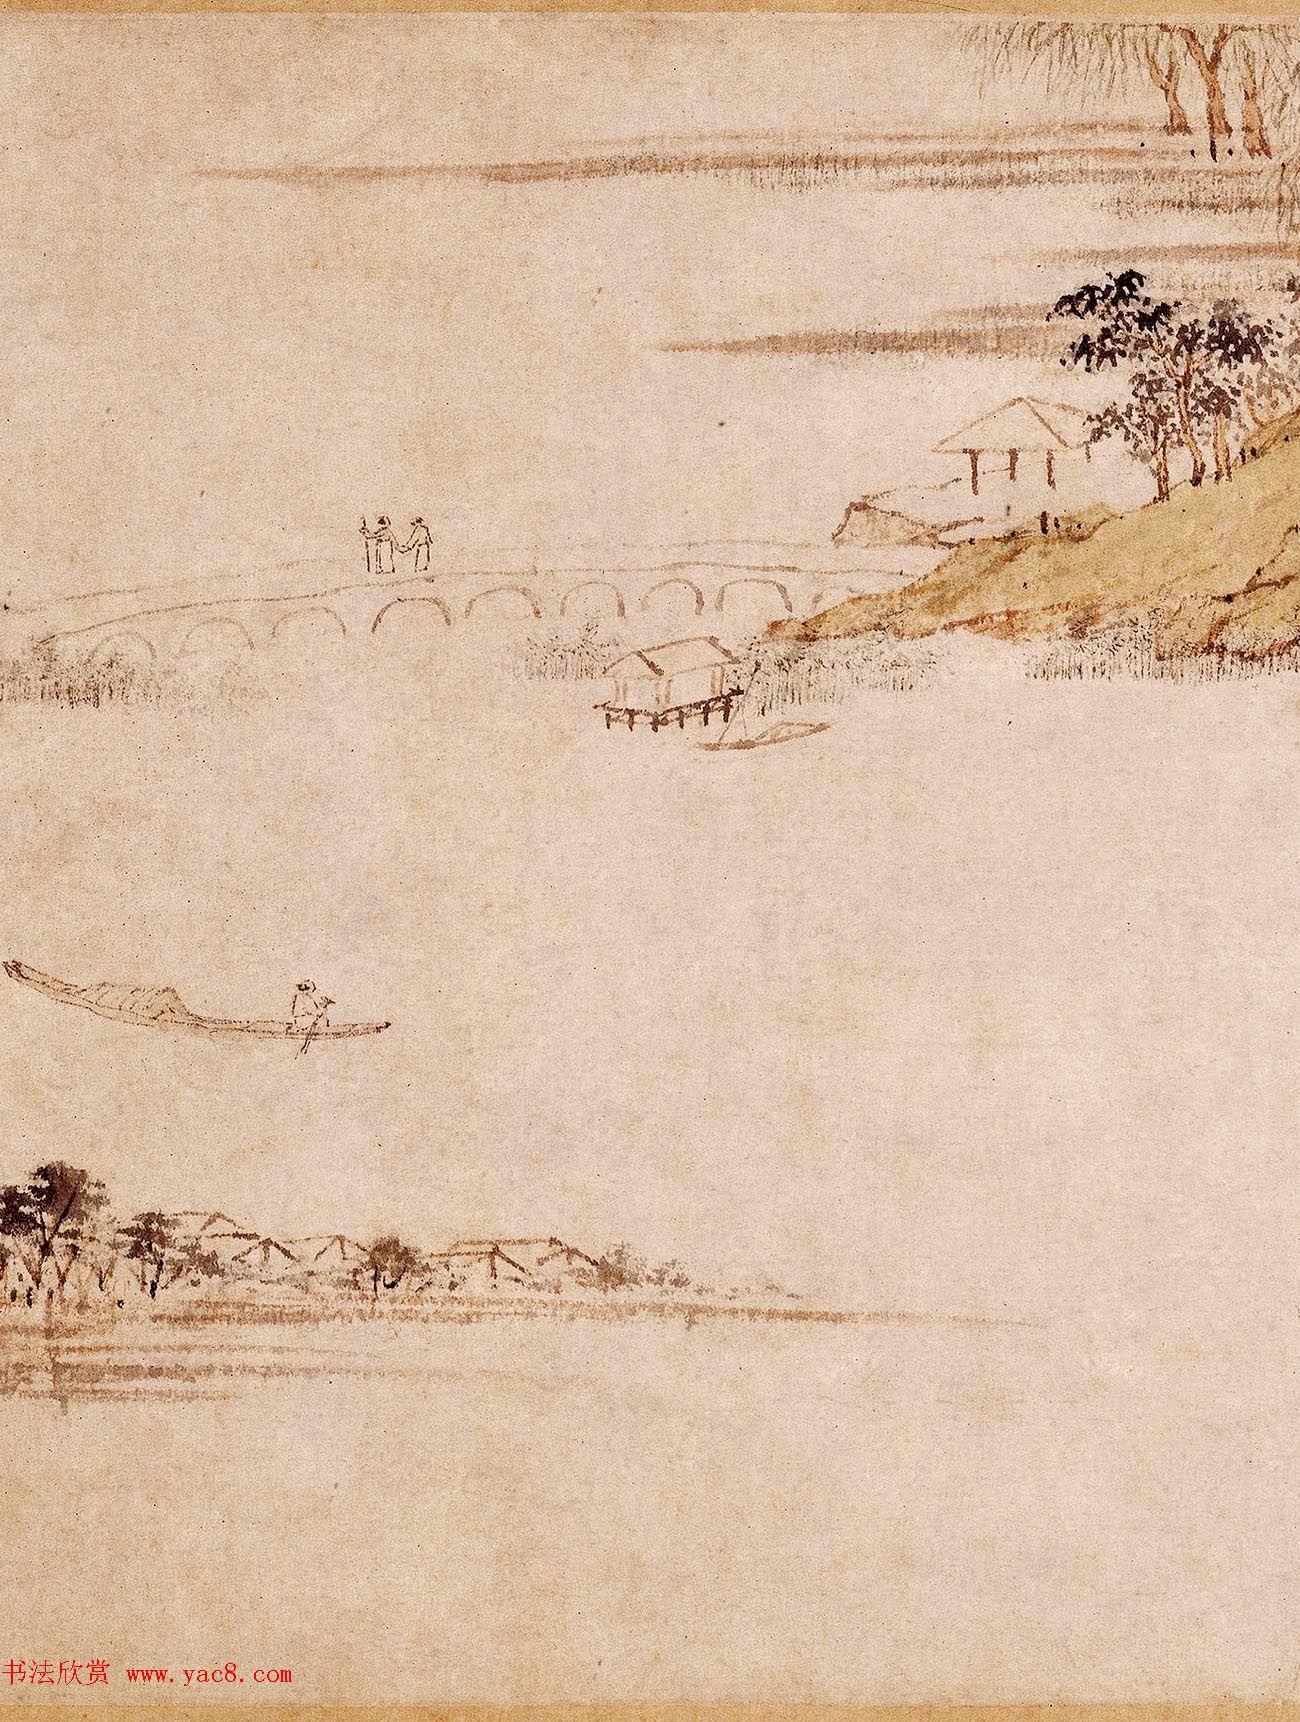 明代陆治为五湖先生作《石湖图卷》